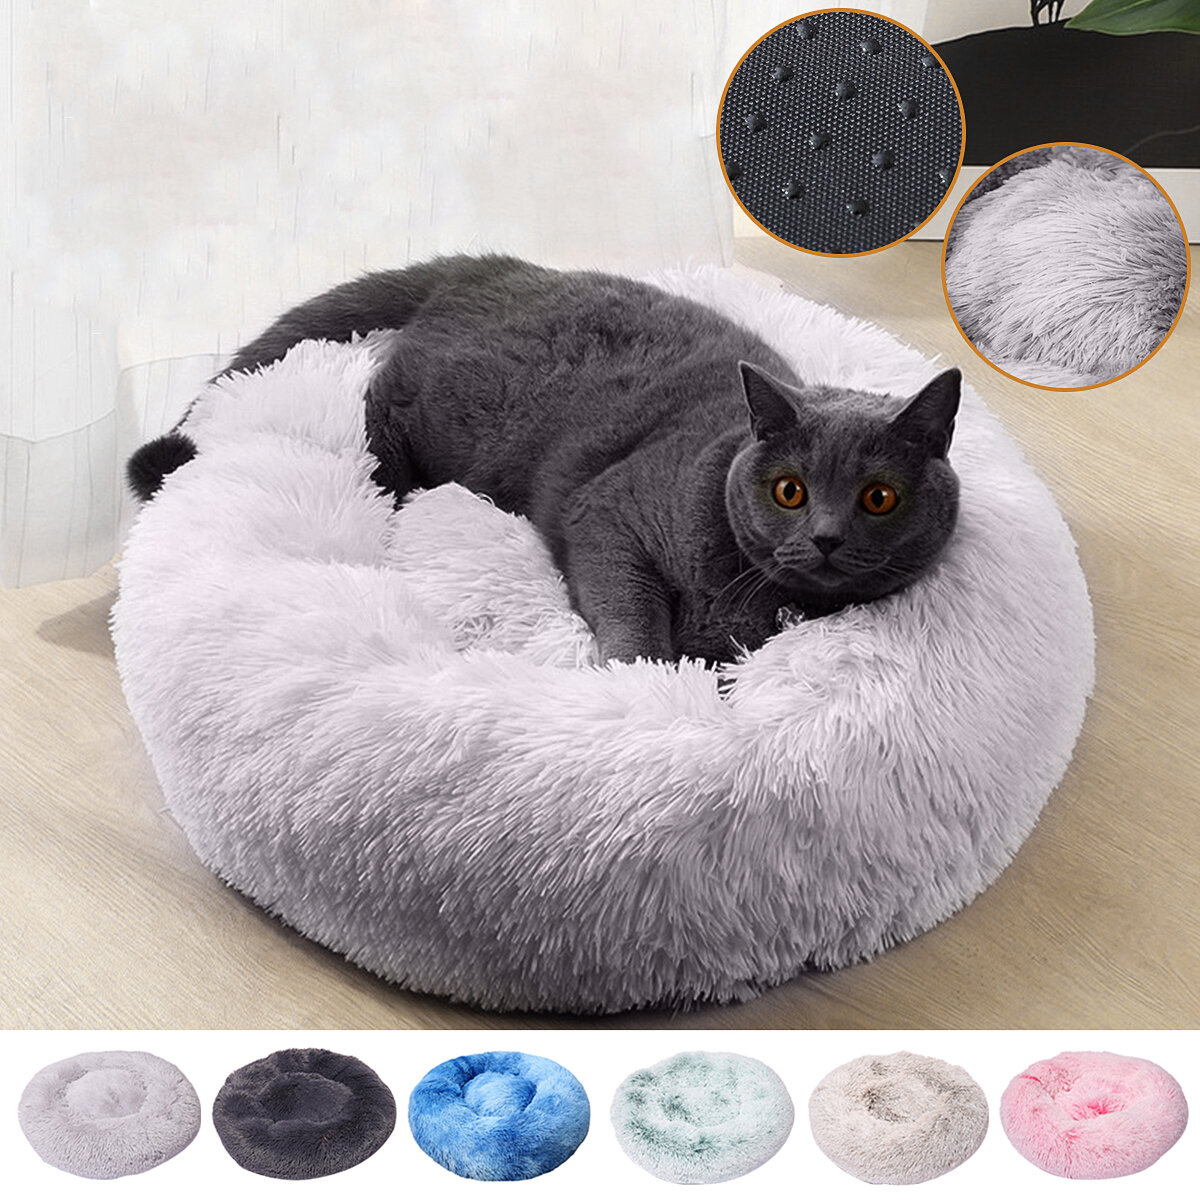 70cmぬいぐるみふわふわSoft猫と犬のためのペットベッド落ち着くベッドパッドSoftマットホーム